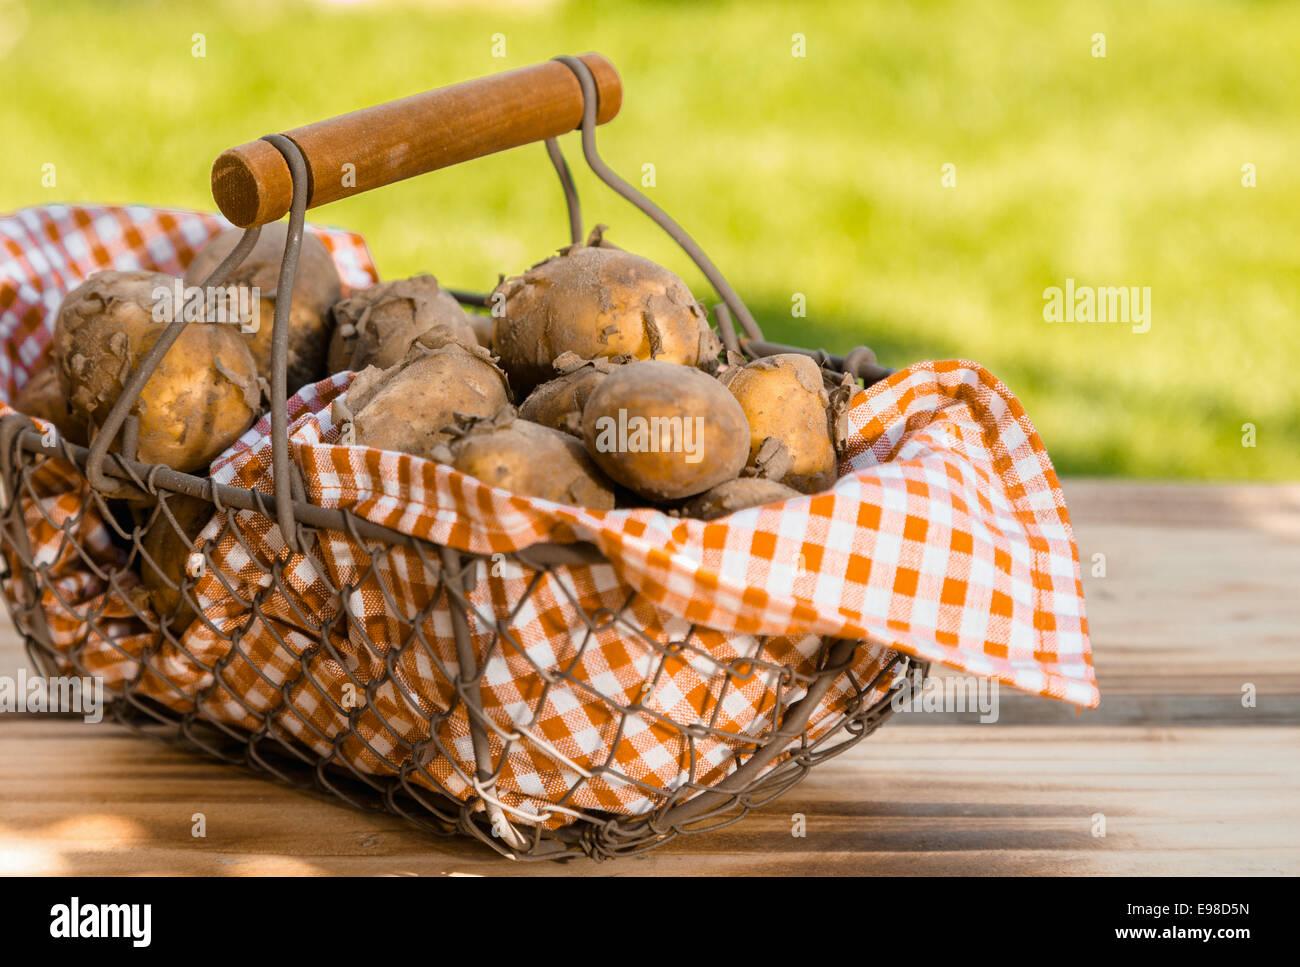 Wire Mesh Stockfotos & Wire Mesh Bilder - Alamy